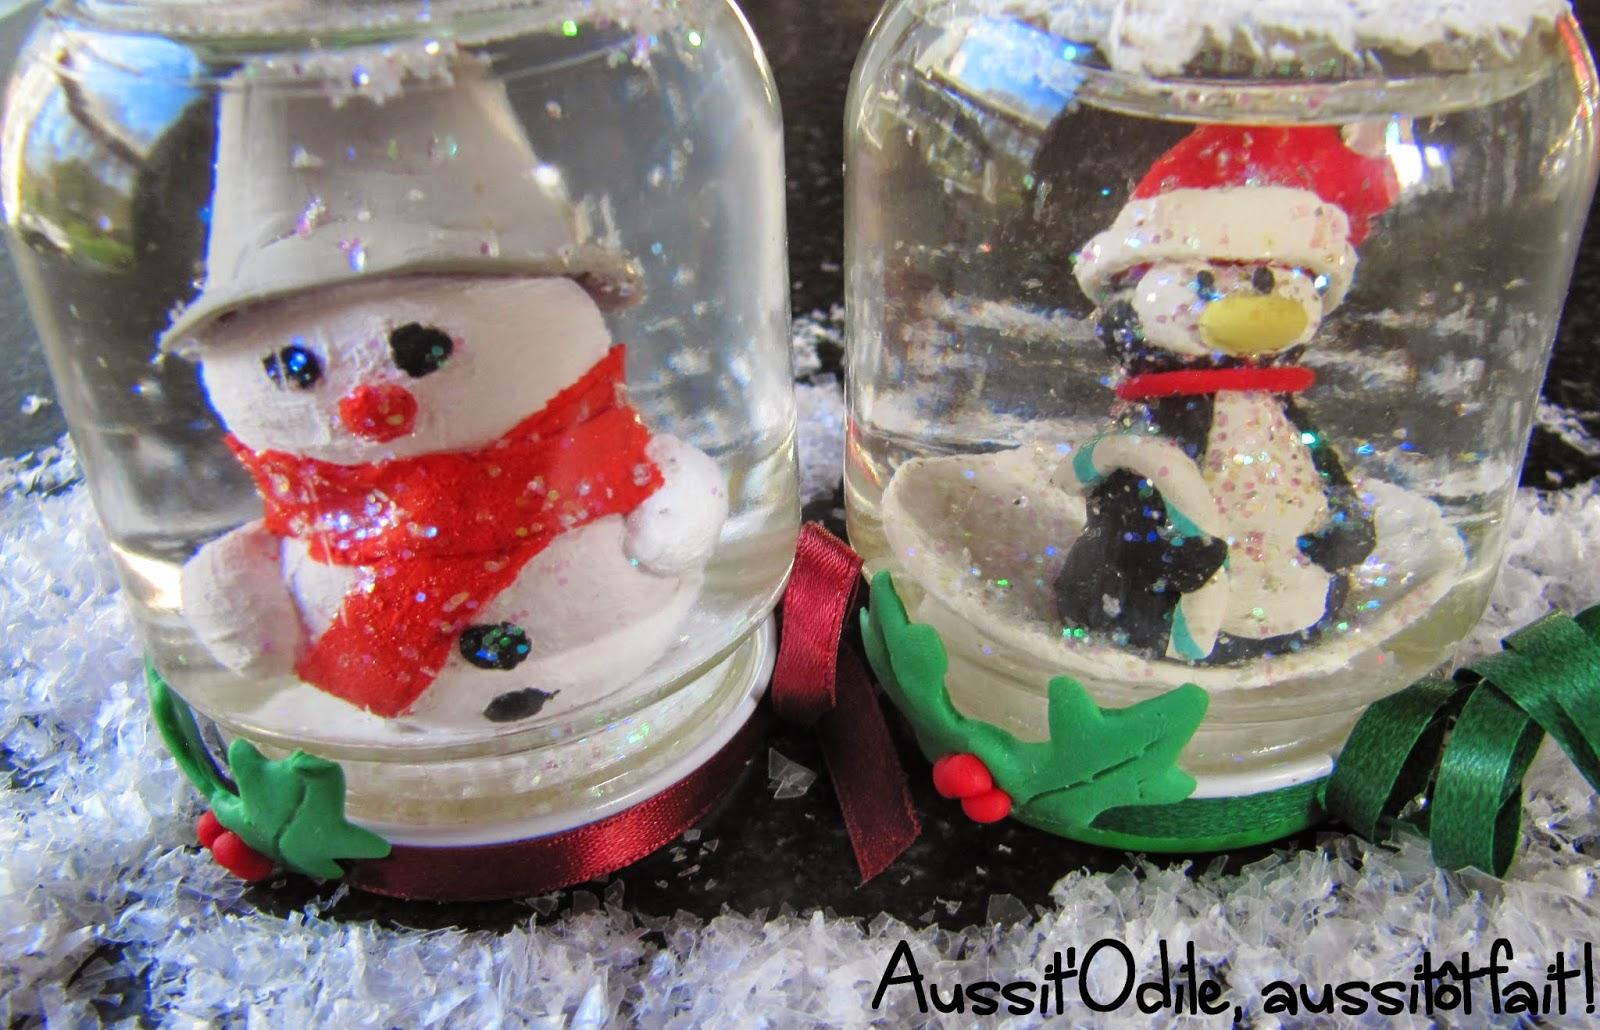 #A82326 Aussit'Odile Aussitôt Fait !: Décembre 2014 5301 décorations de noël a fabriquer soi même bonhomme de neige 1600x1030 px @ aertt.com